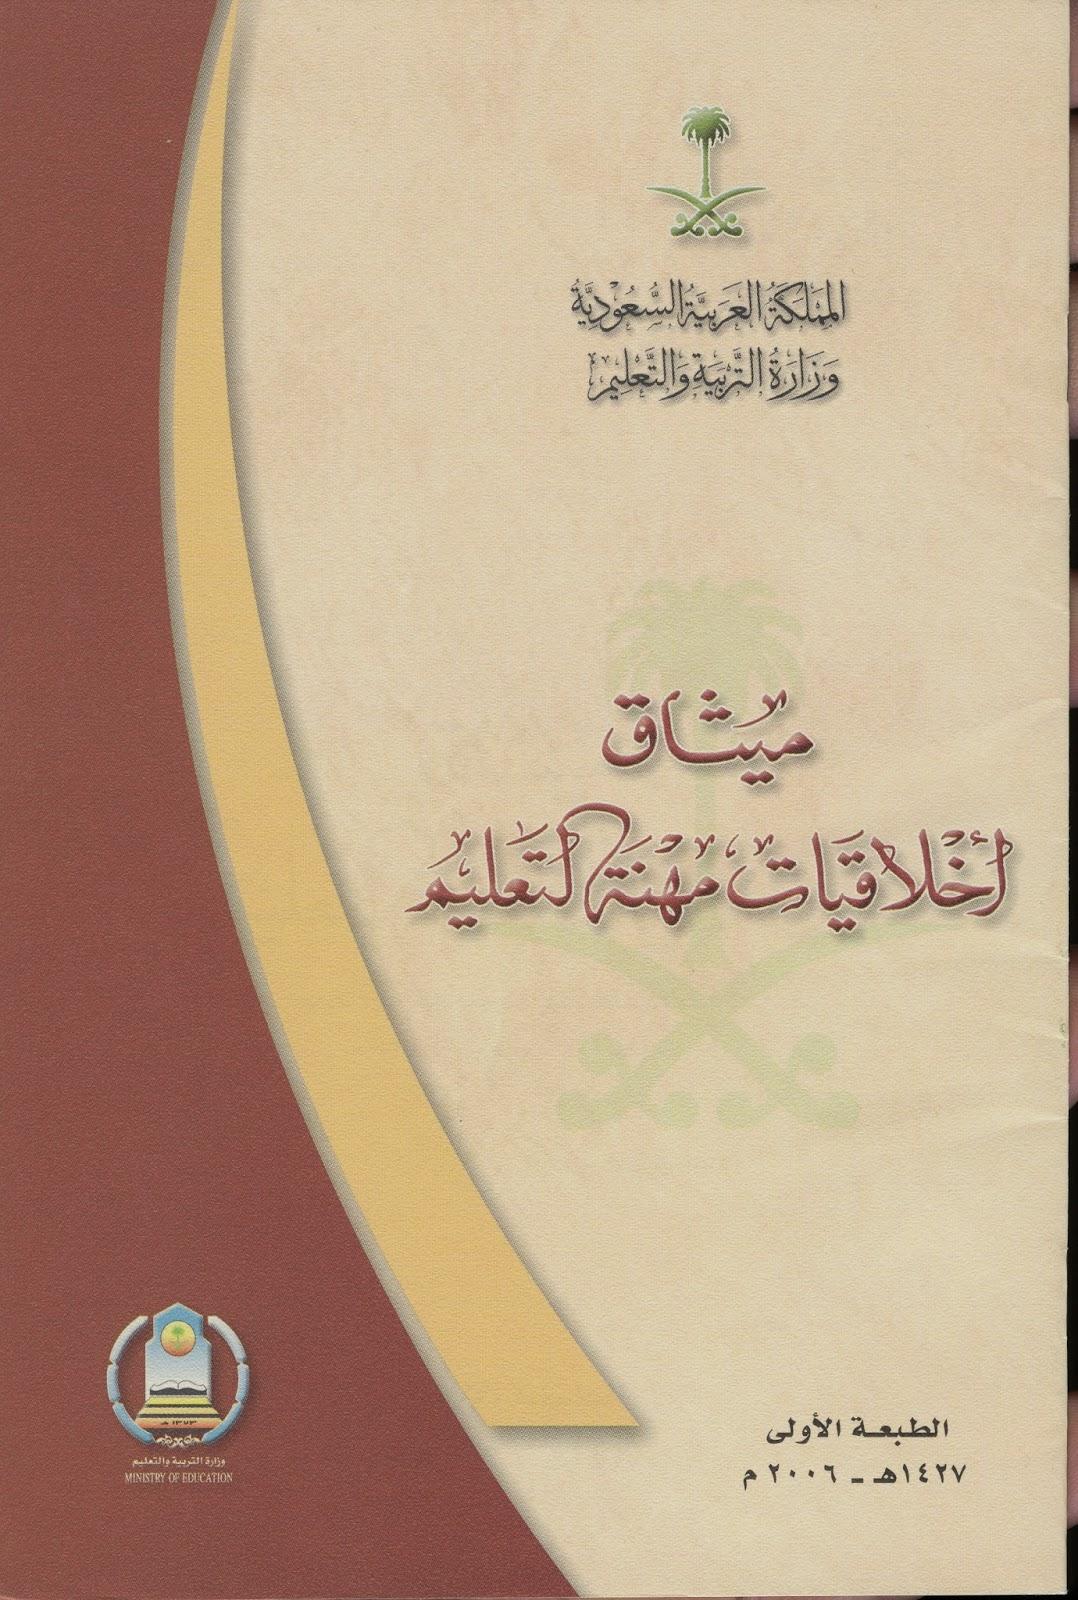 ميثاق أخلاقيات مهنة التعليم لـ وزارة التربية والتعليم بالسعودية